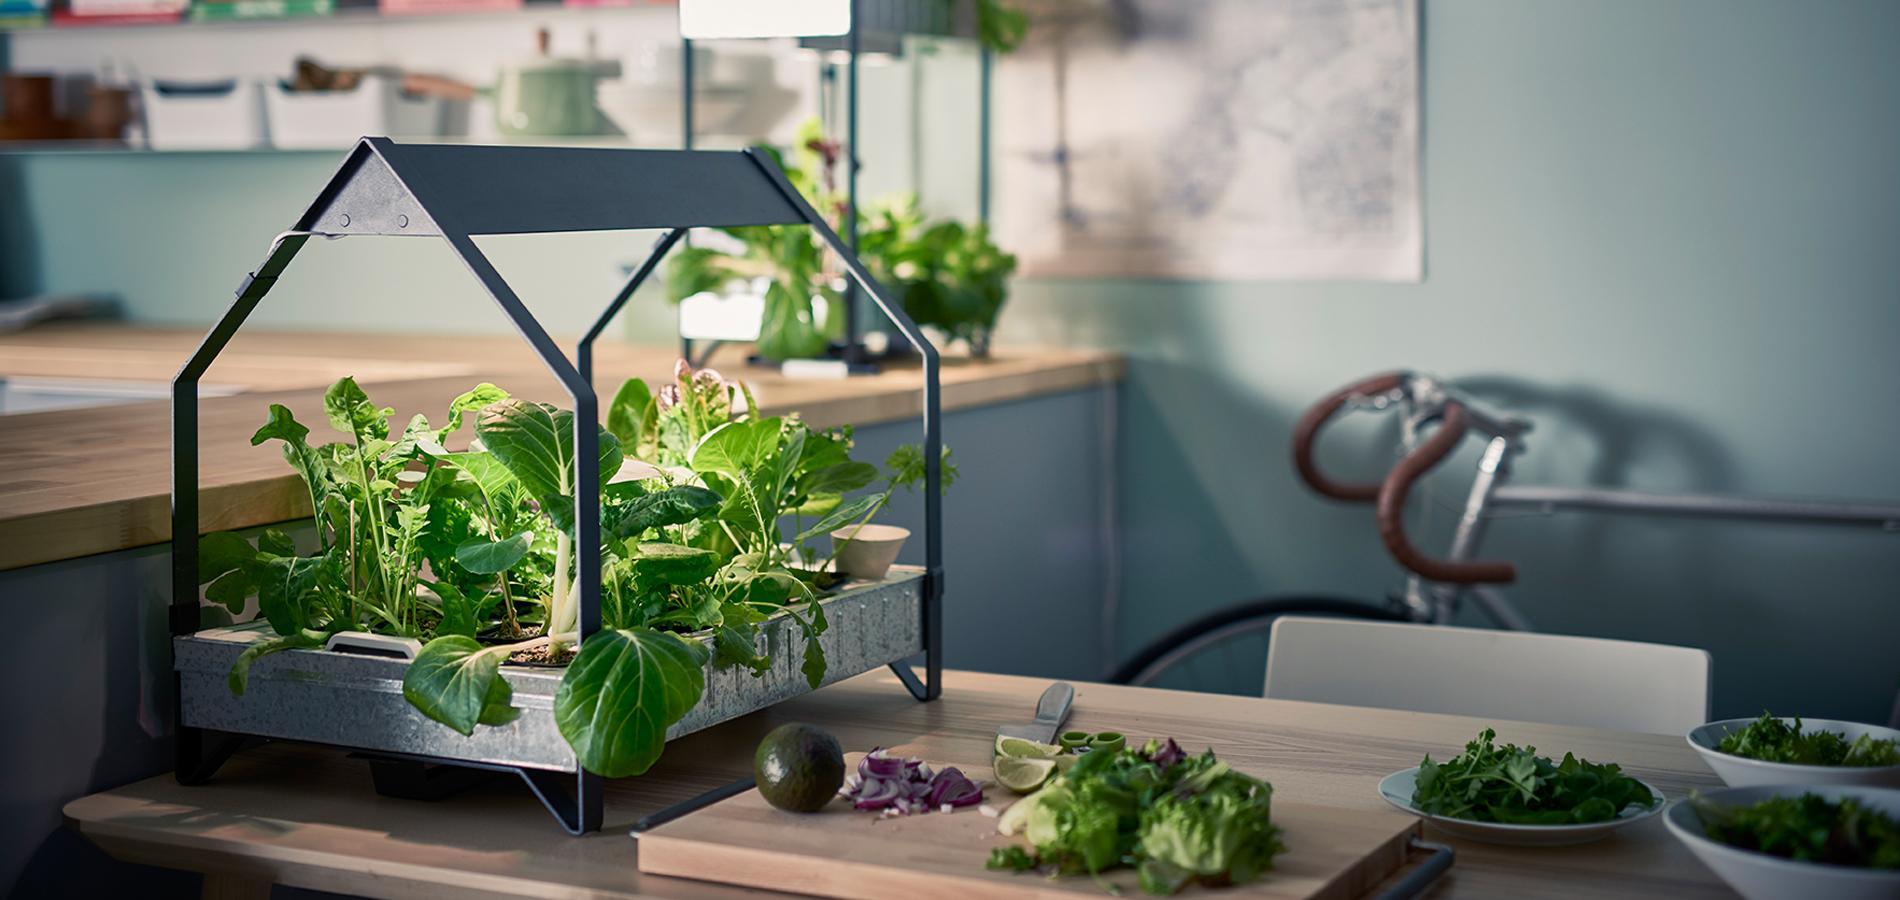 cr er un potager dans sa cuisine le nouveau plaisir en ville cuisine madame figaro. Black Bedroom Furniture Sets. Home Design Ideas